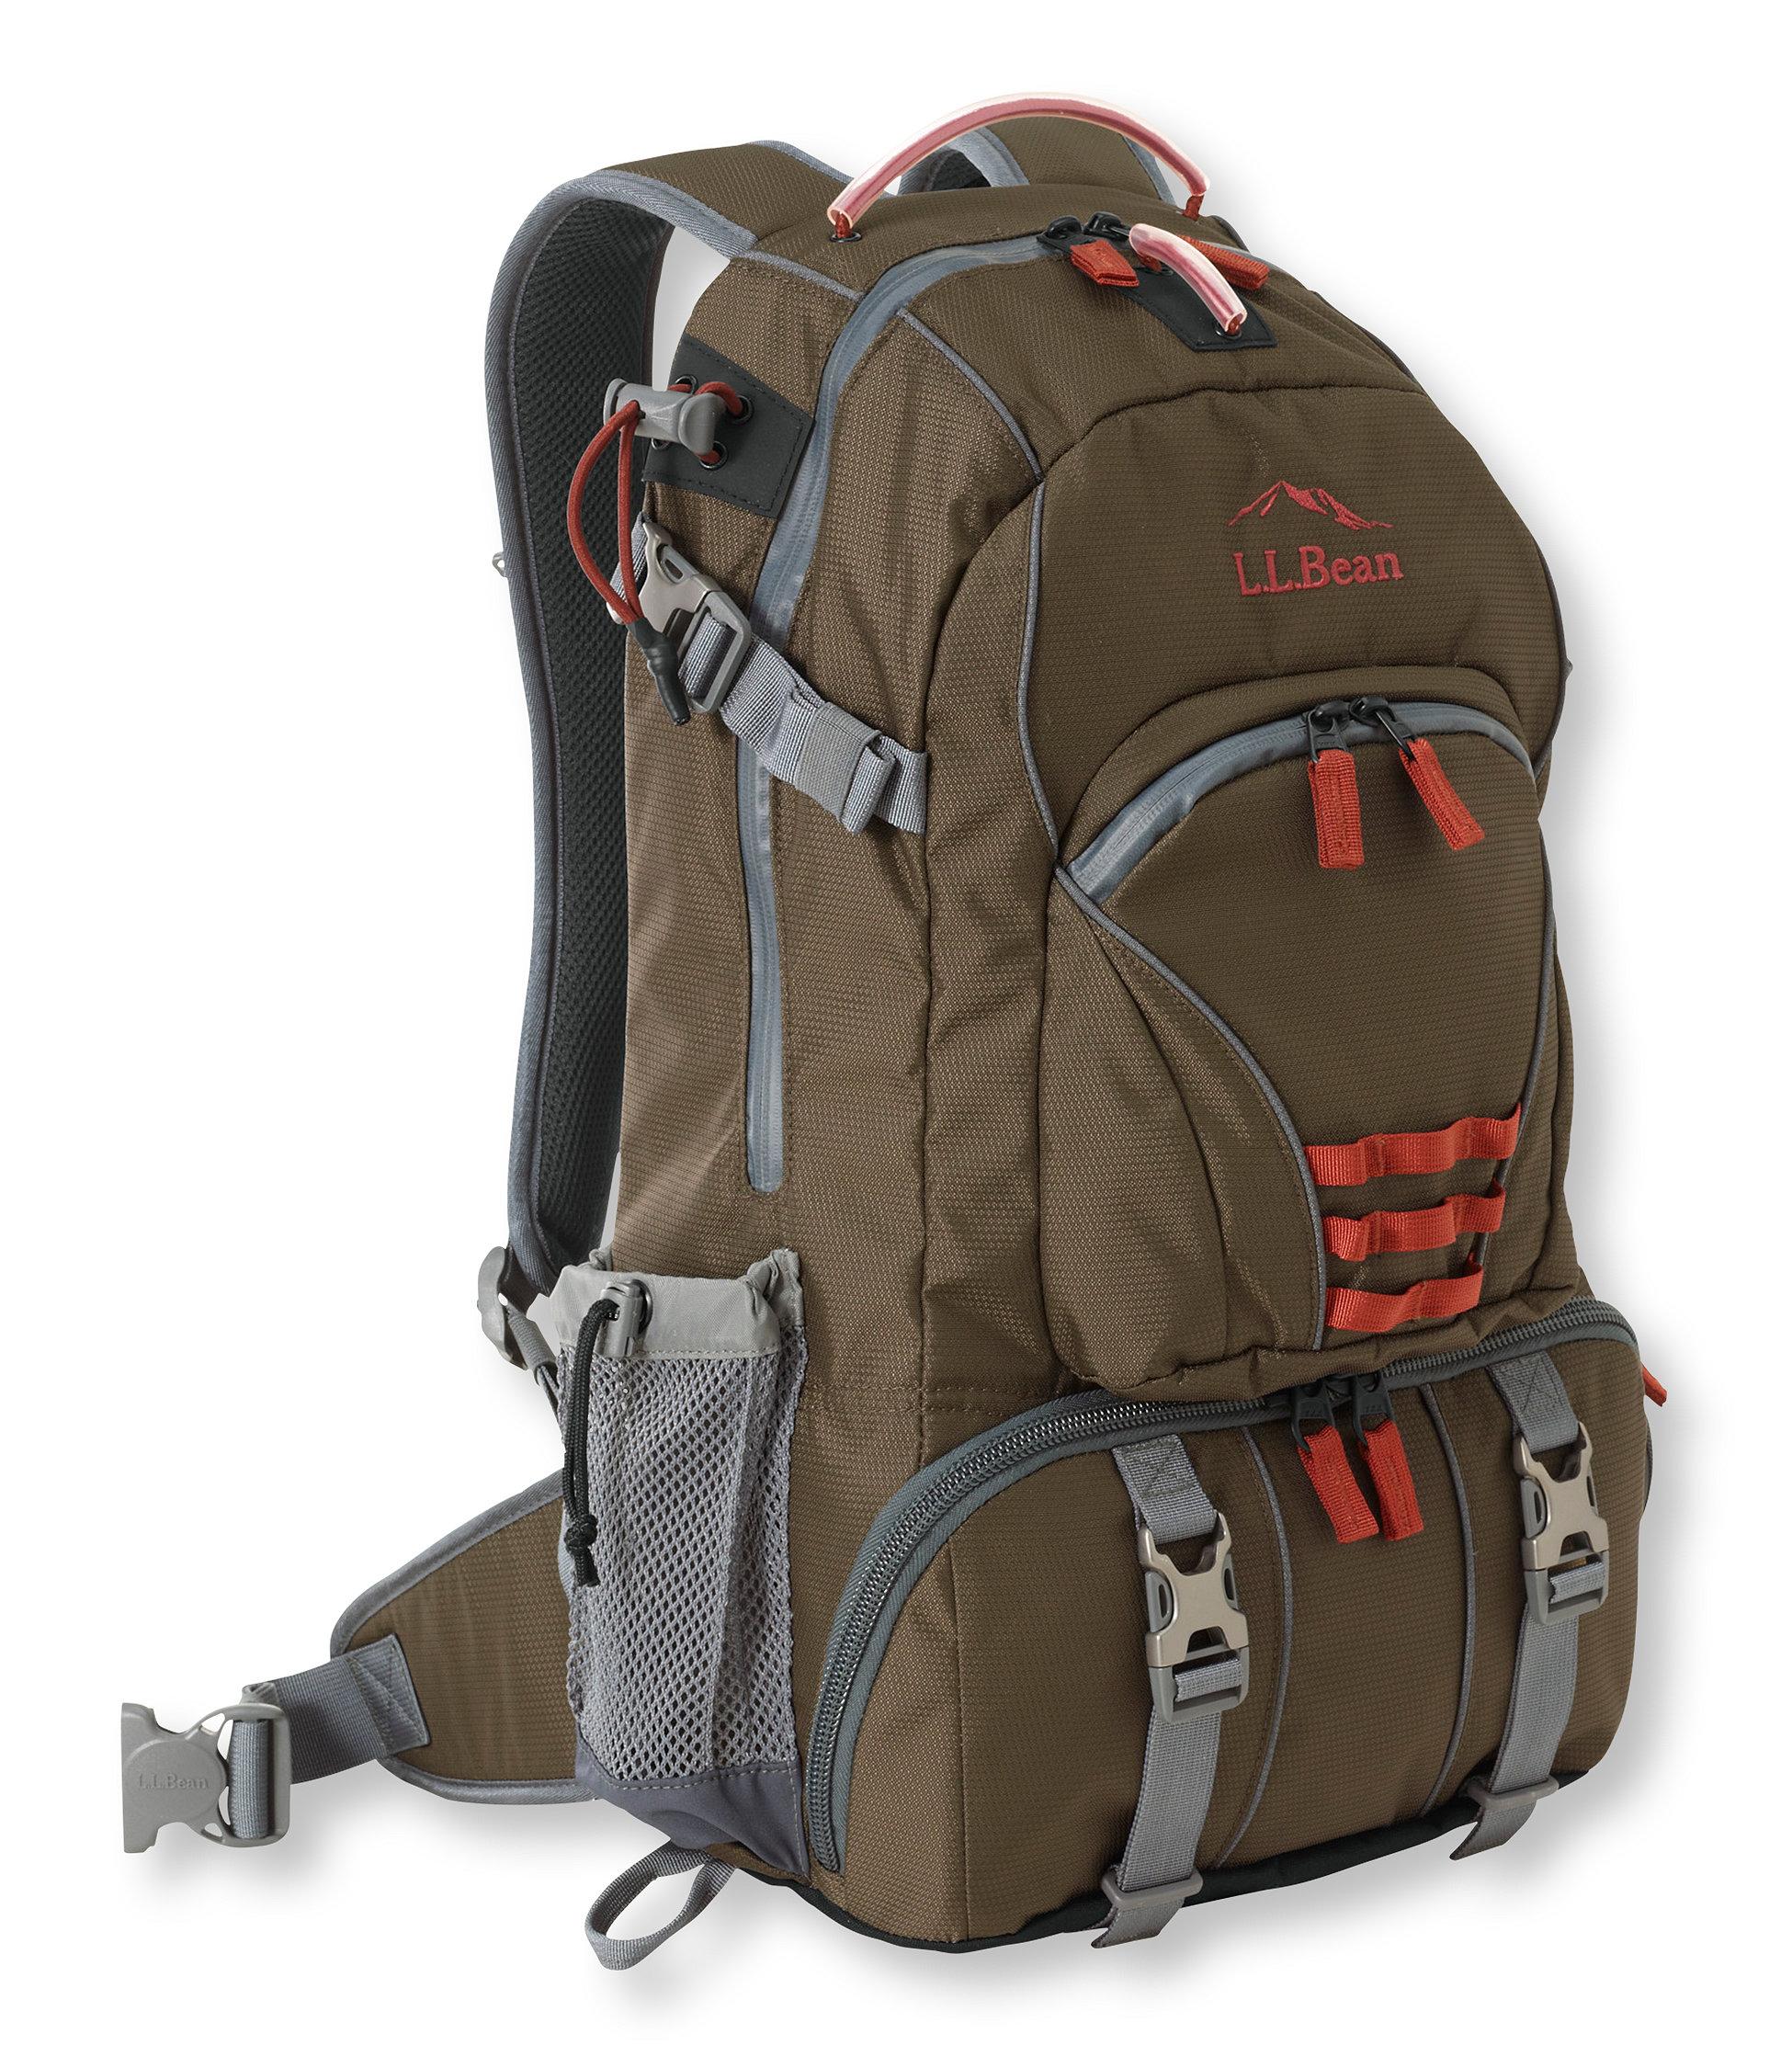 L.L.Bean Wildlife Watcher Pack